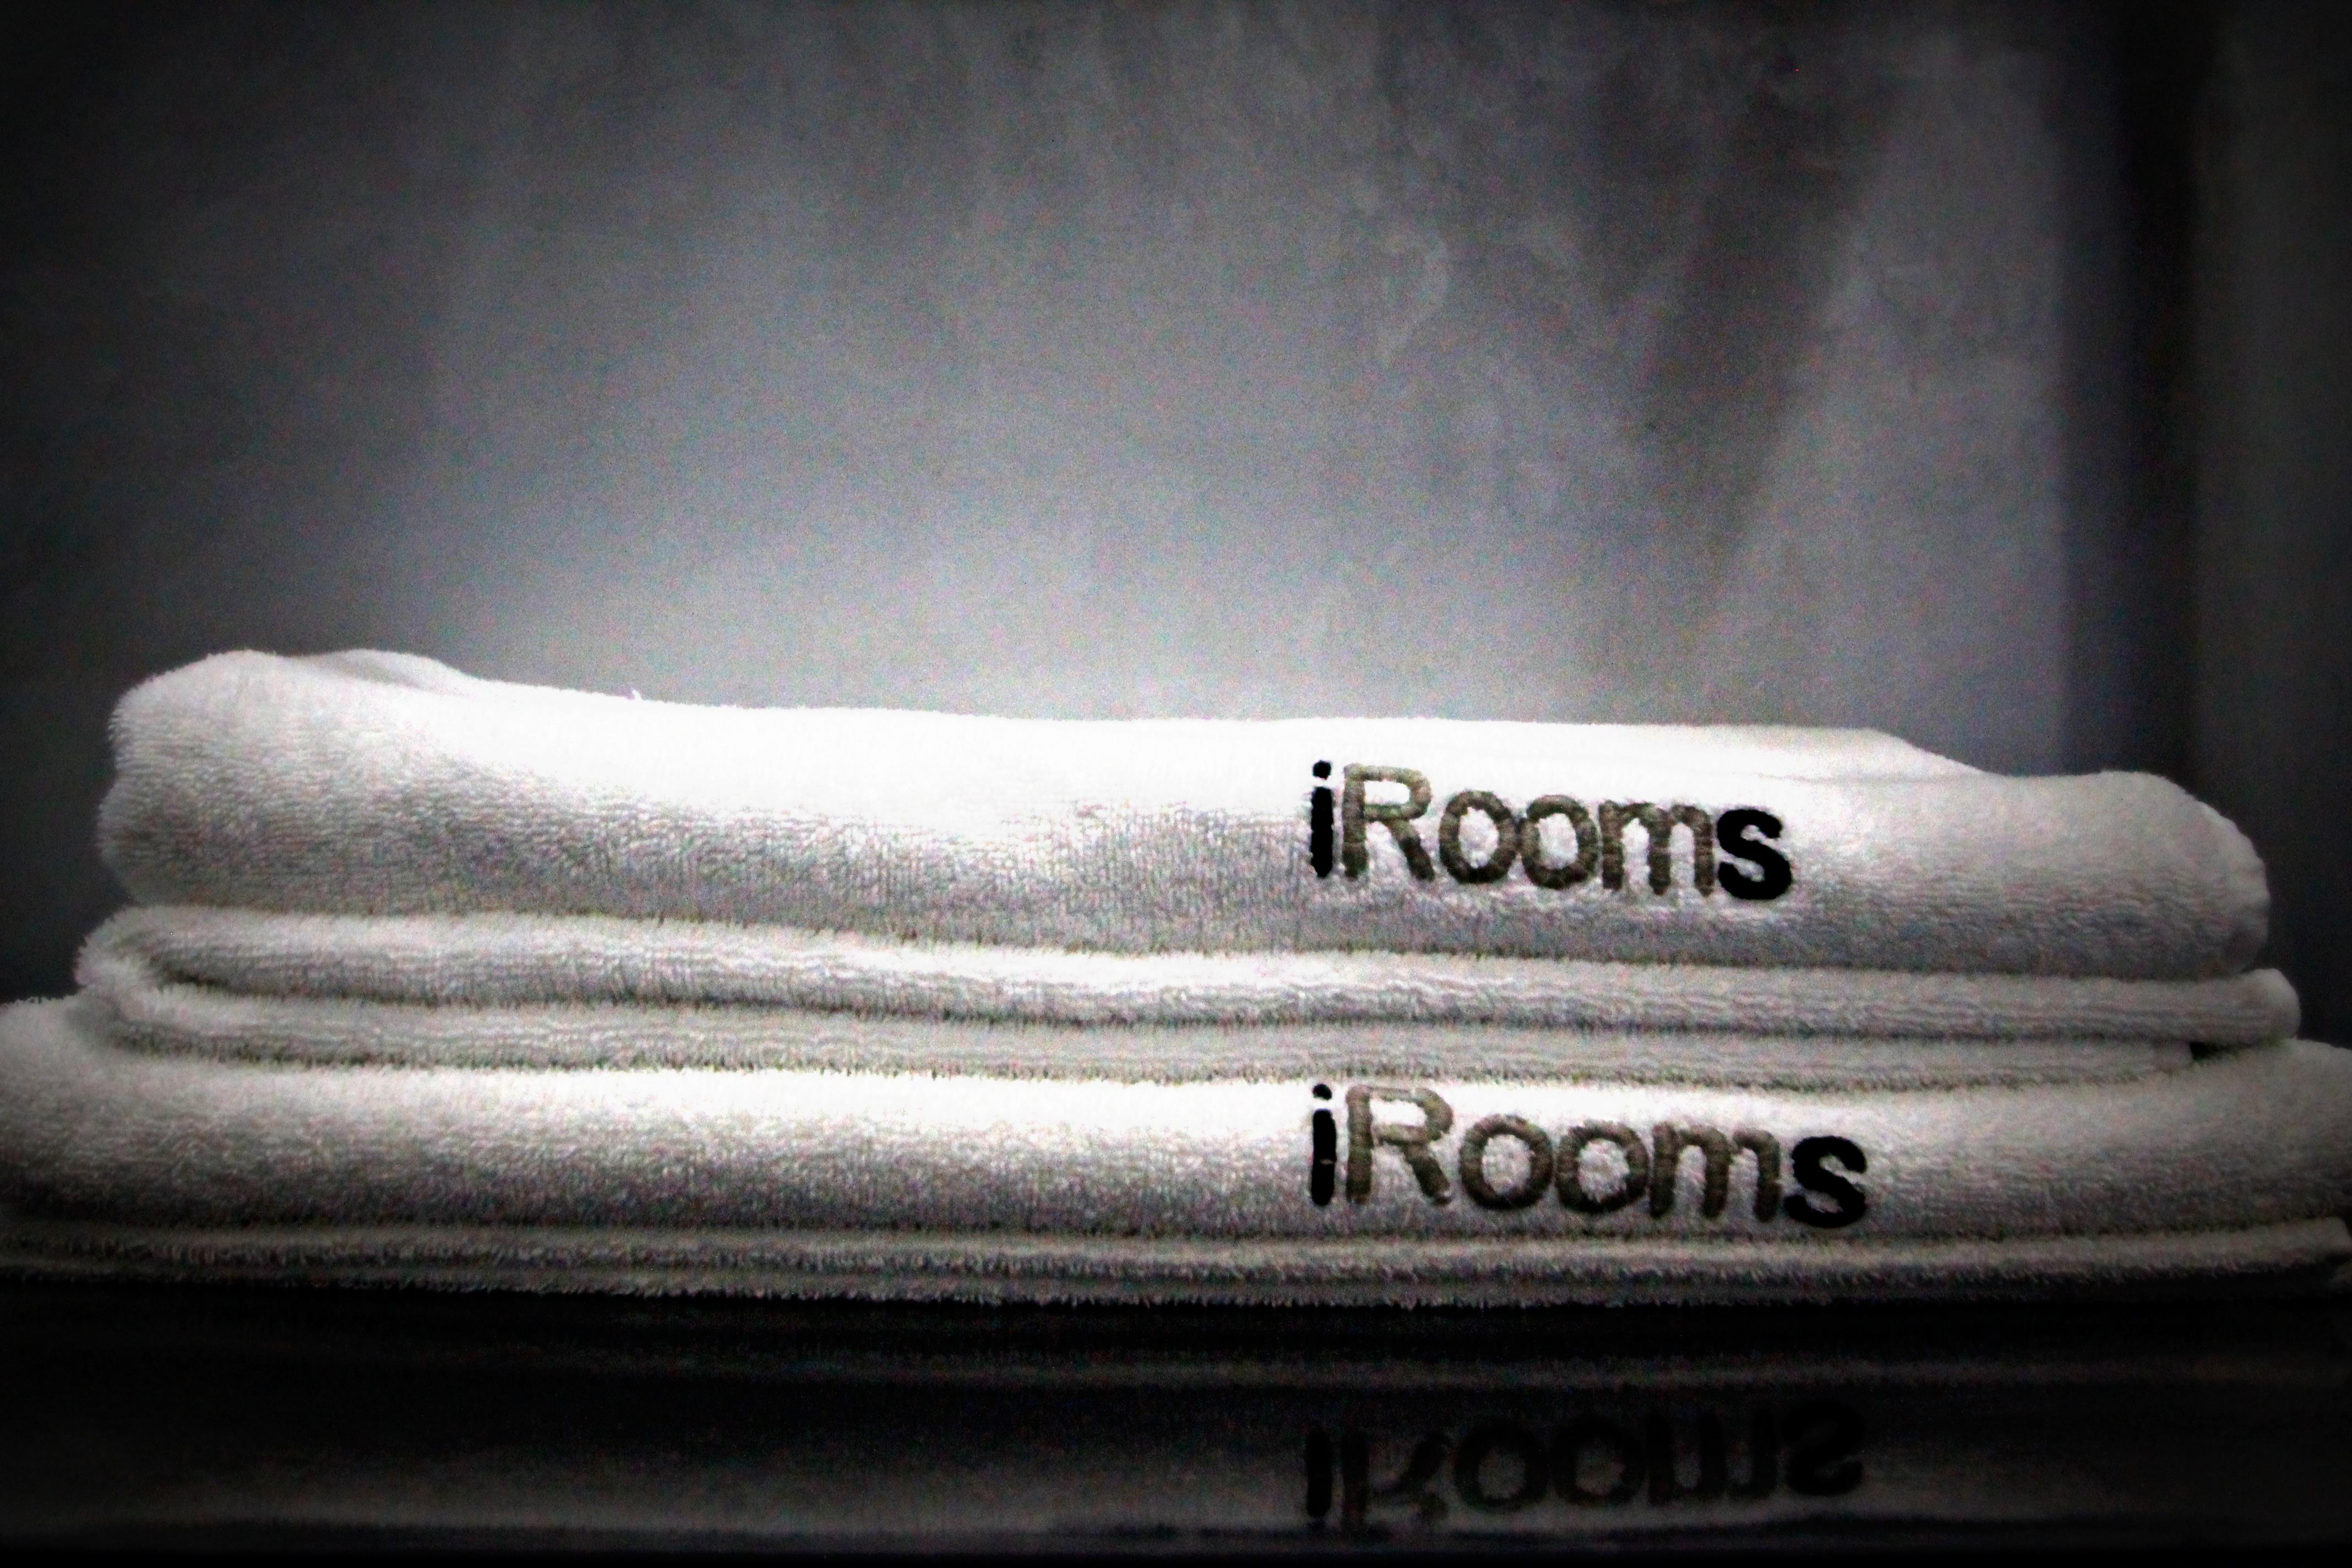 iRooms bath linen